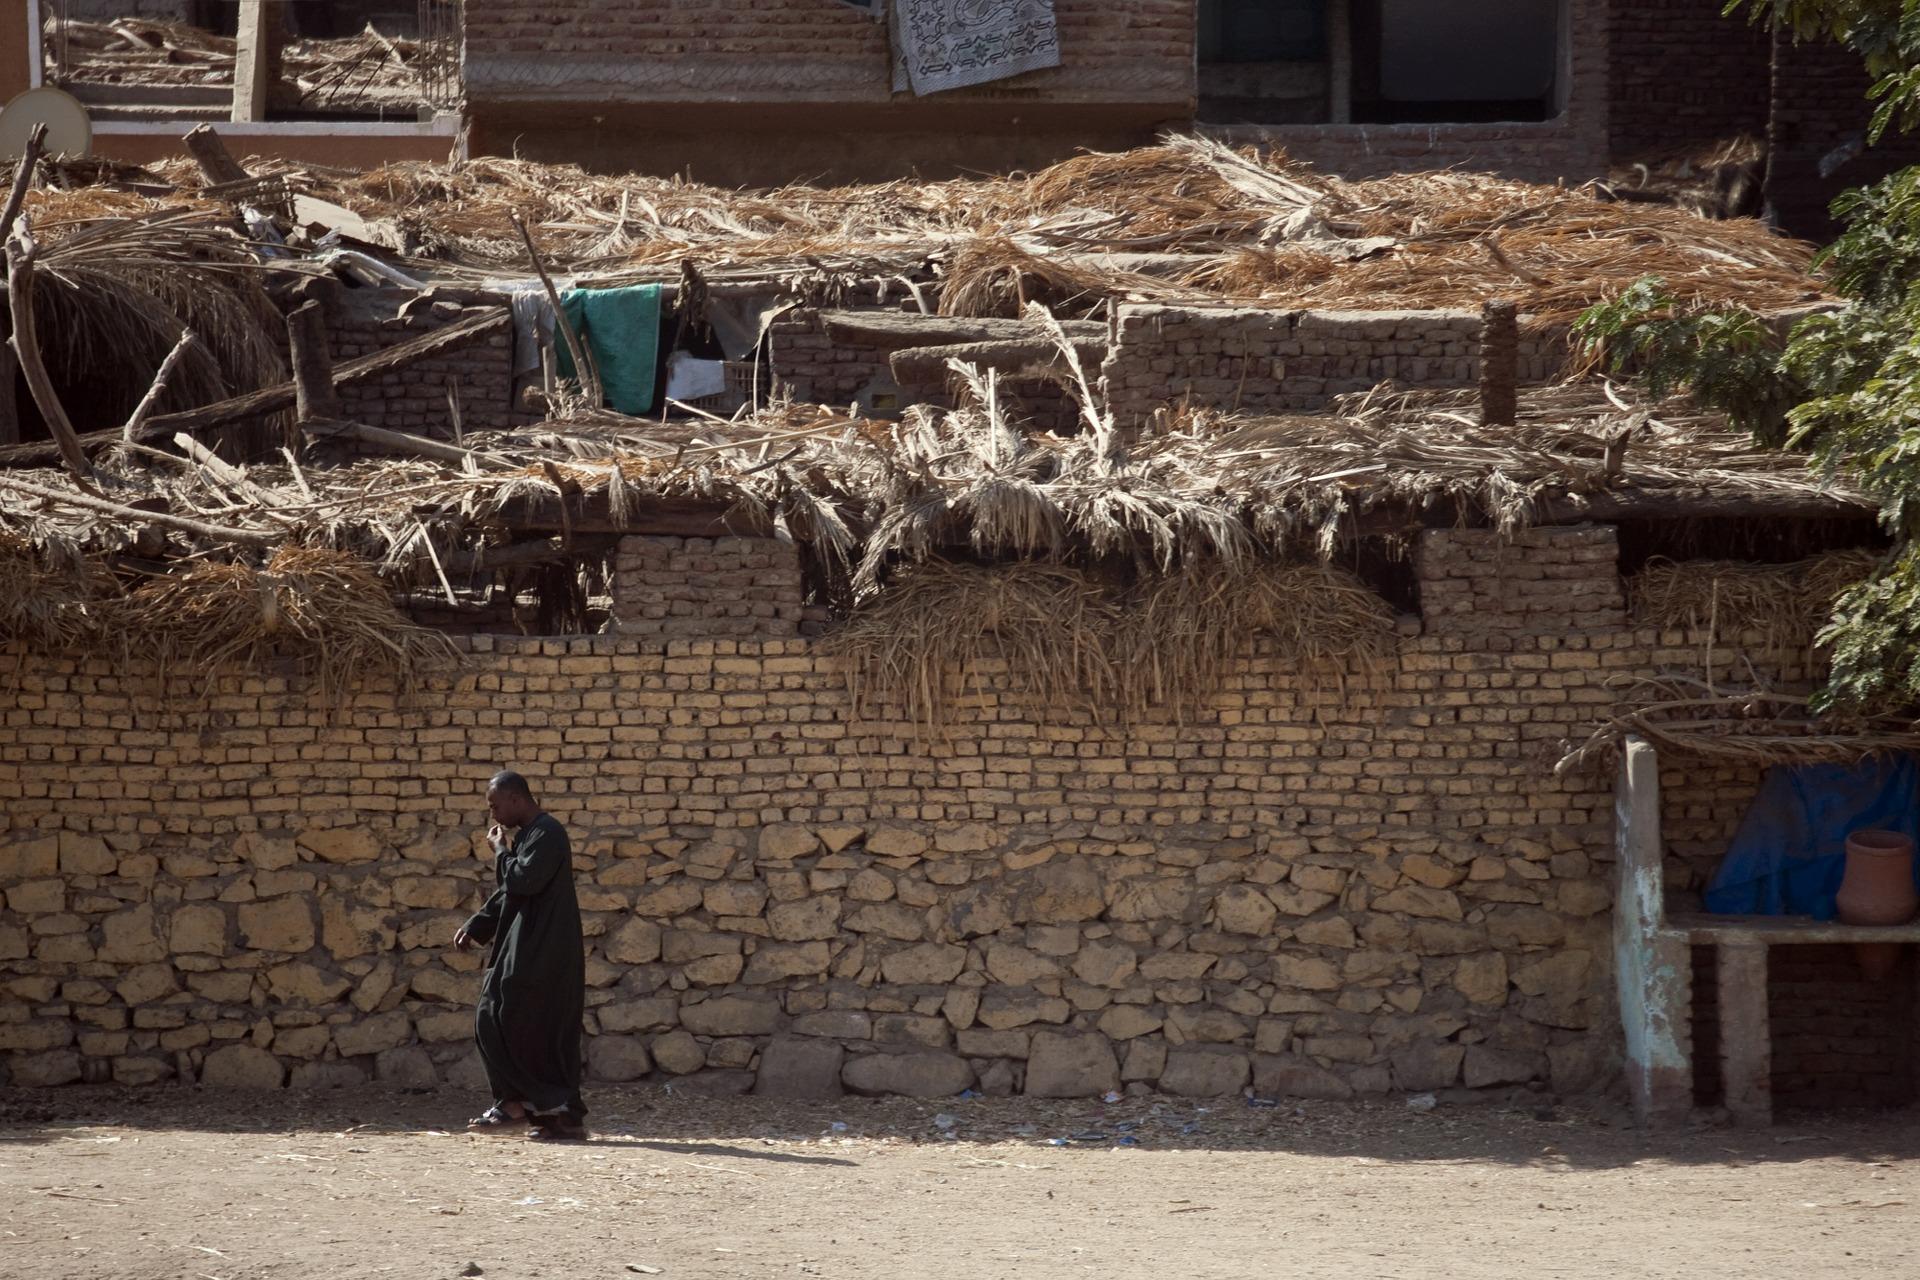 Informal settlement Egypt